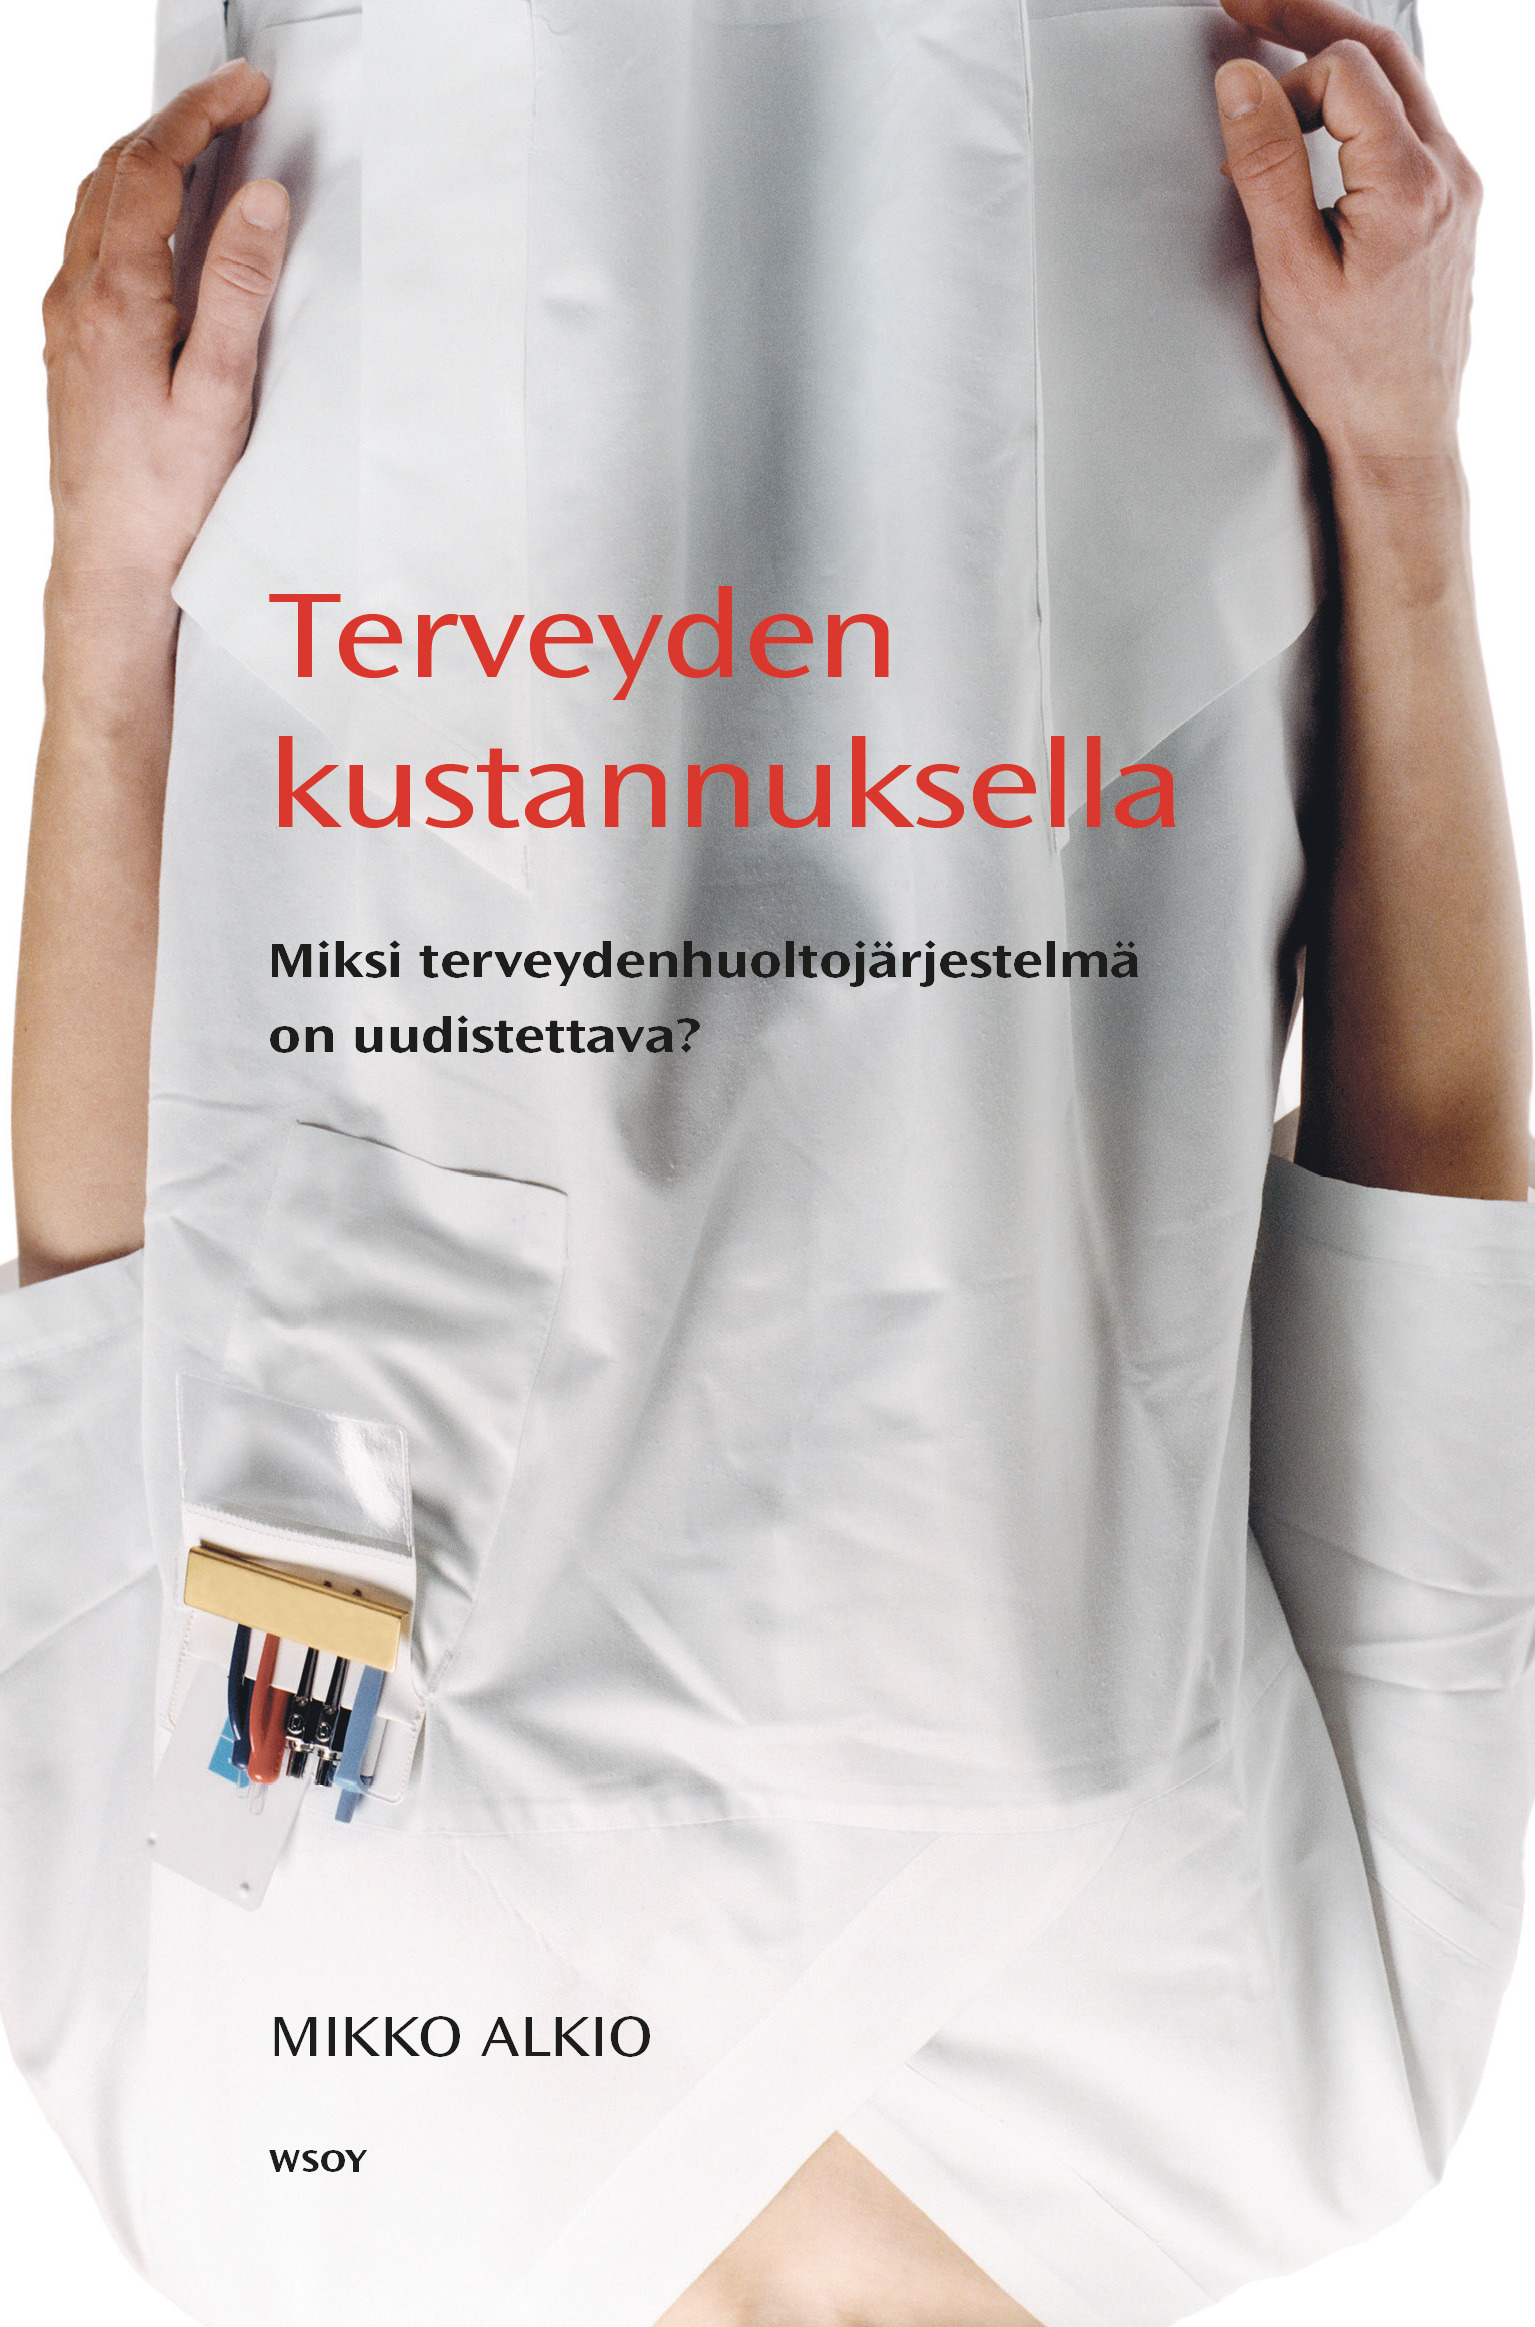 Alkio, Mikko - Terveyden kustannuksella: Miksi terveydenhuoltojärjestelmä on uudistettava?, ebook